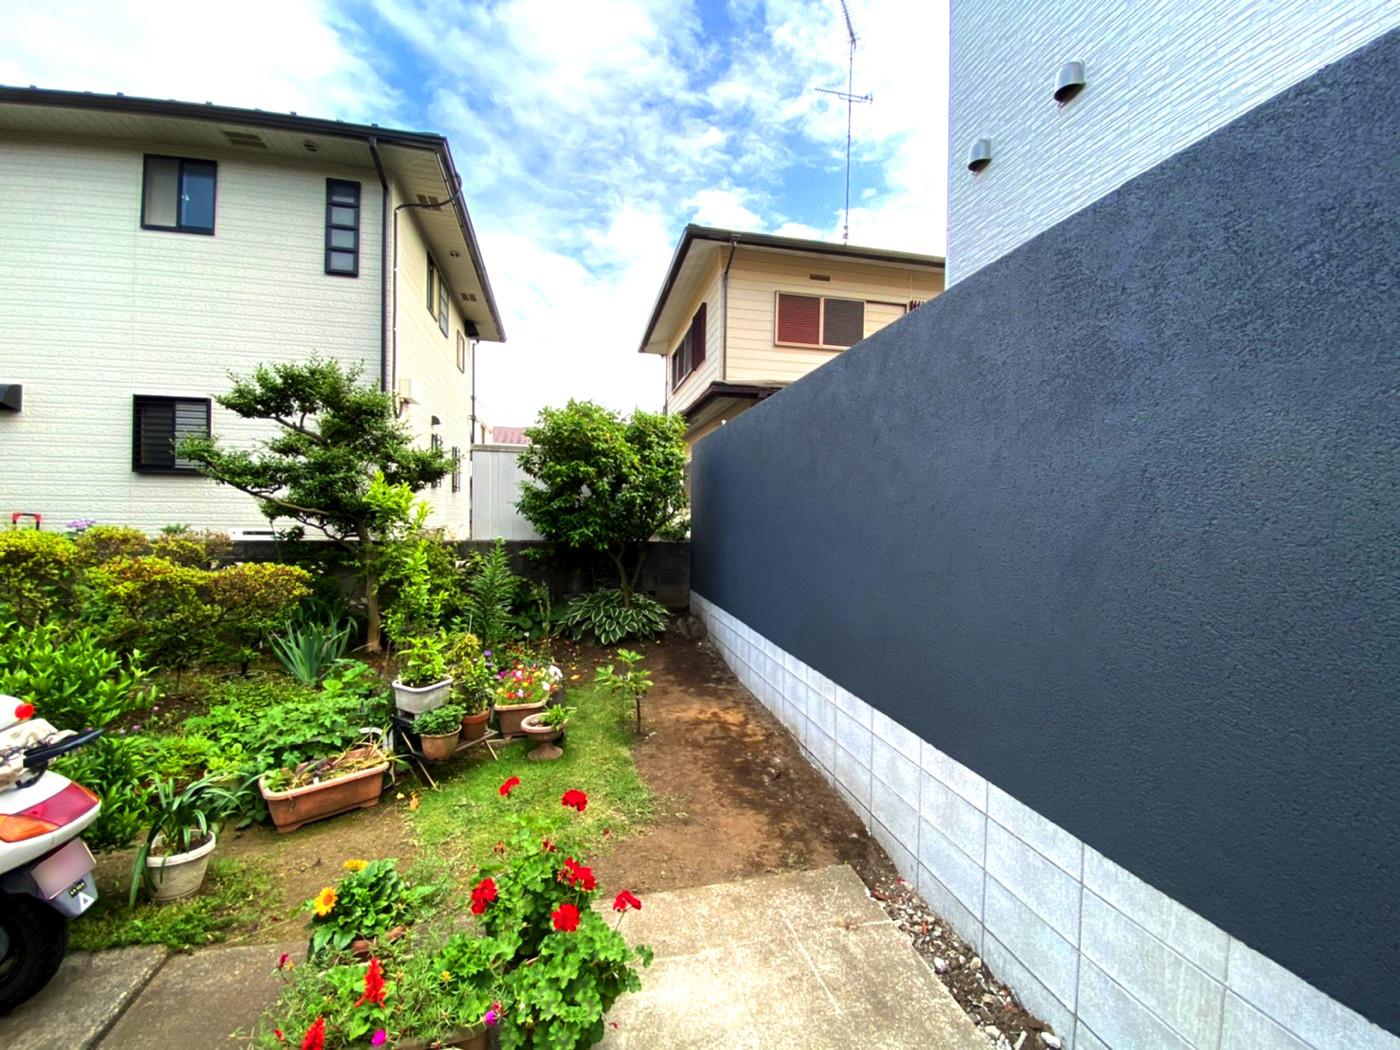 神奈川県 株式会社 琴美建設 グランドアートウォール施工イメージ2964_04